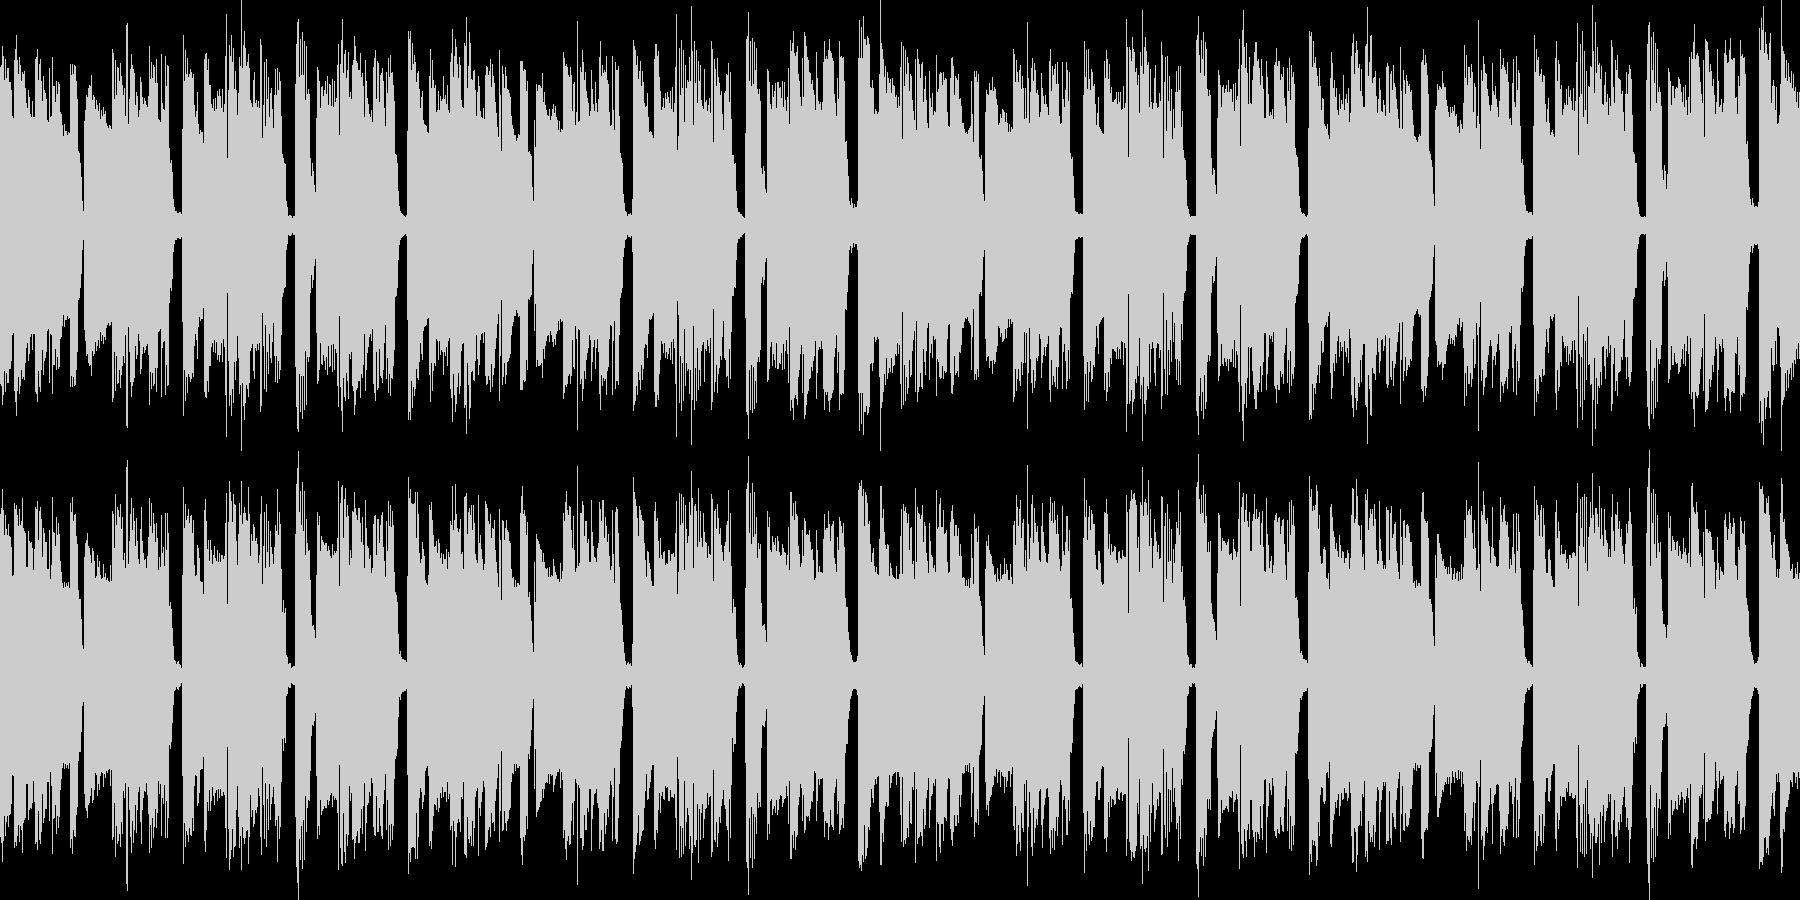 【エレピ】悲しげ ピアノ【ピアノ】の未再生の波形